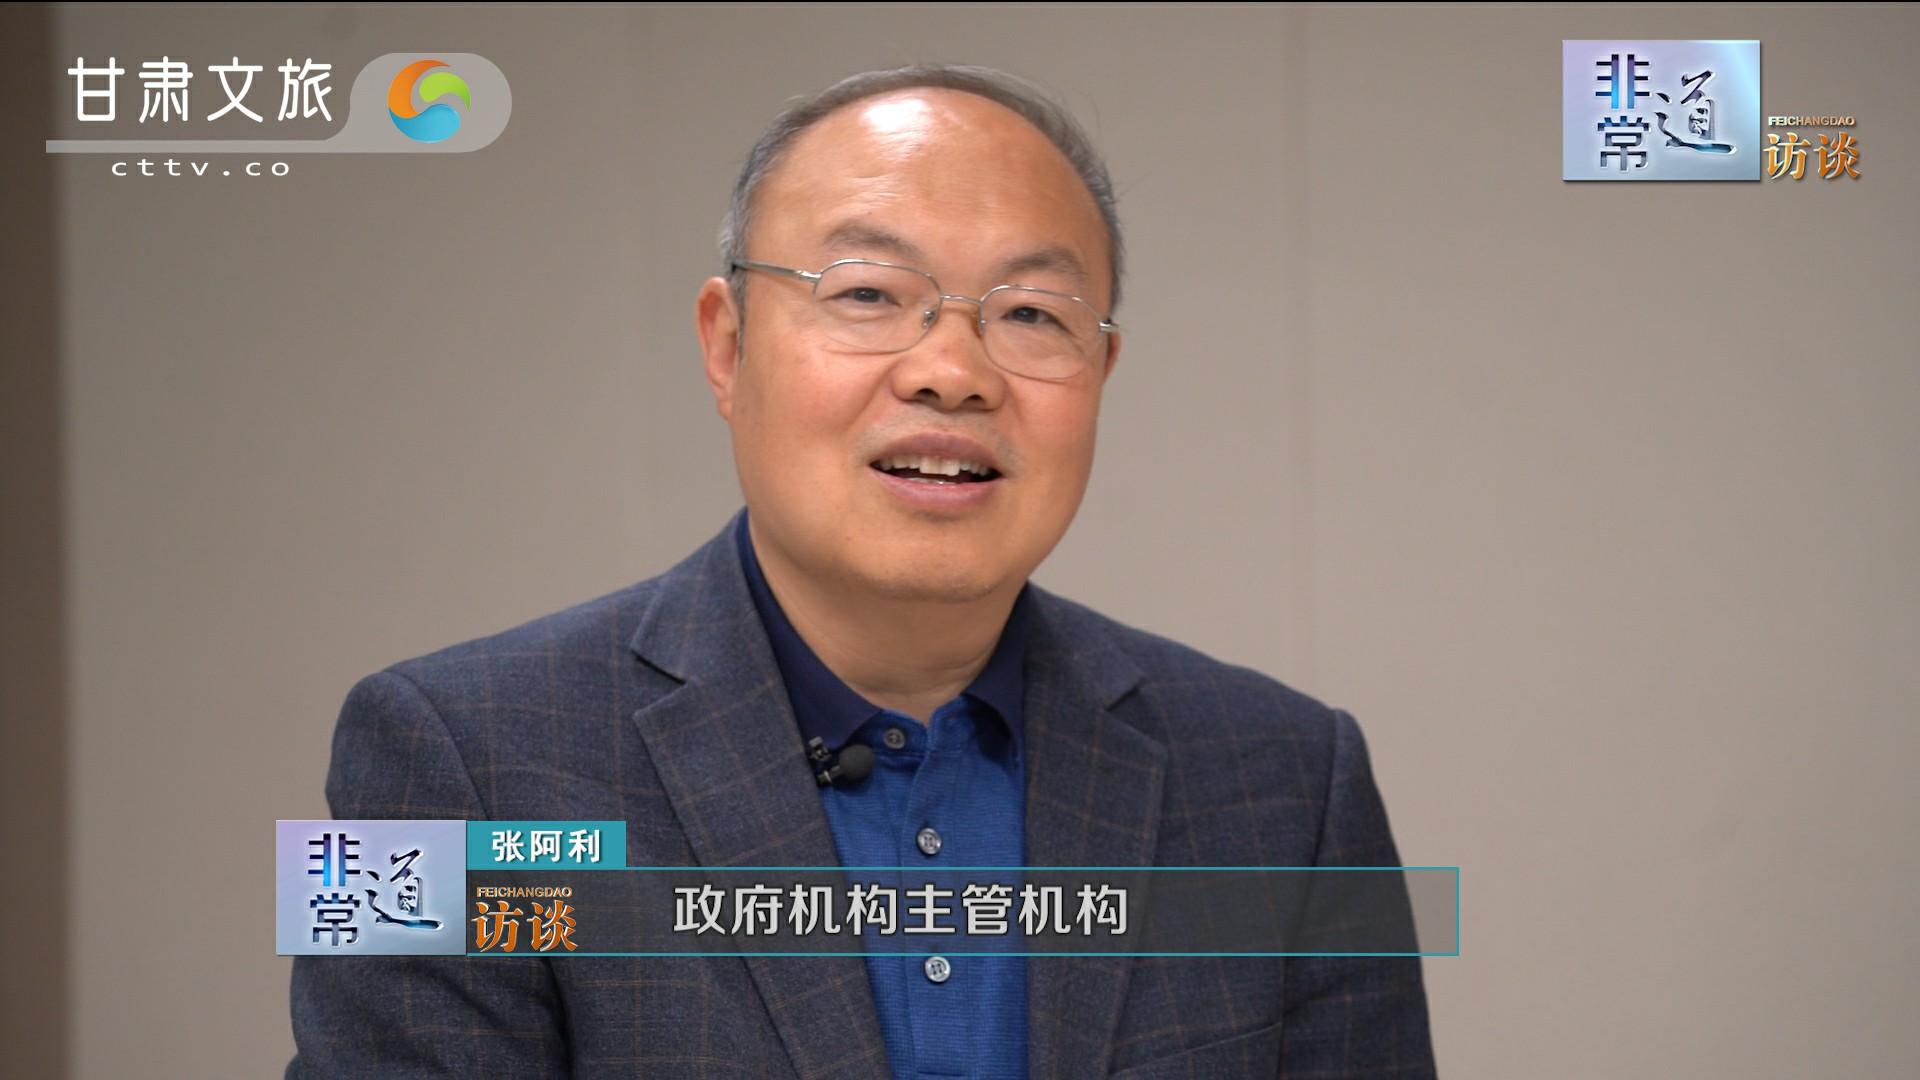 非常道访谈——张阿利(上):对西部电影的特殊情感